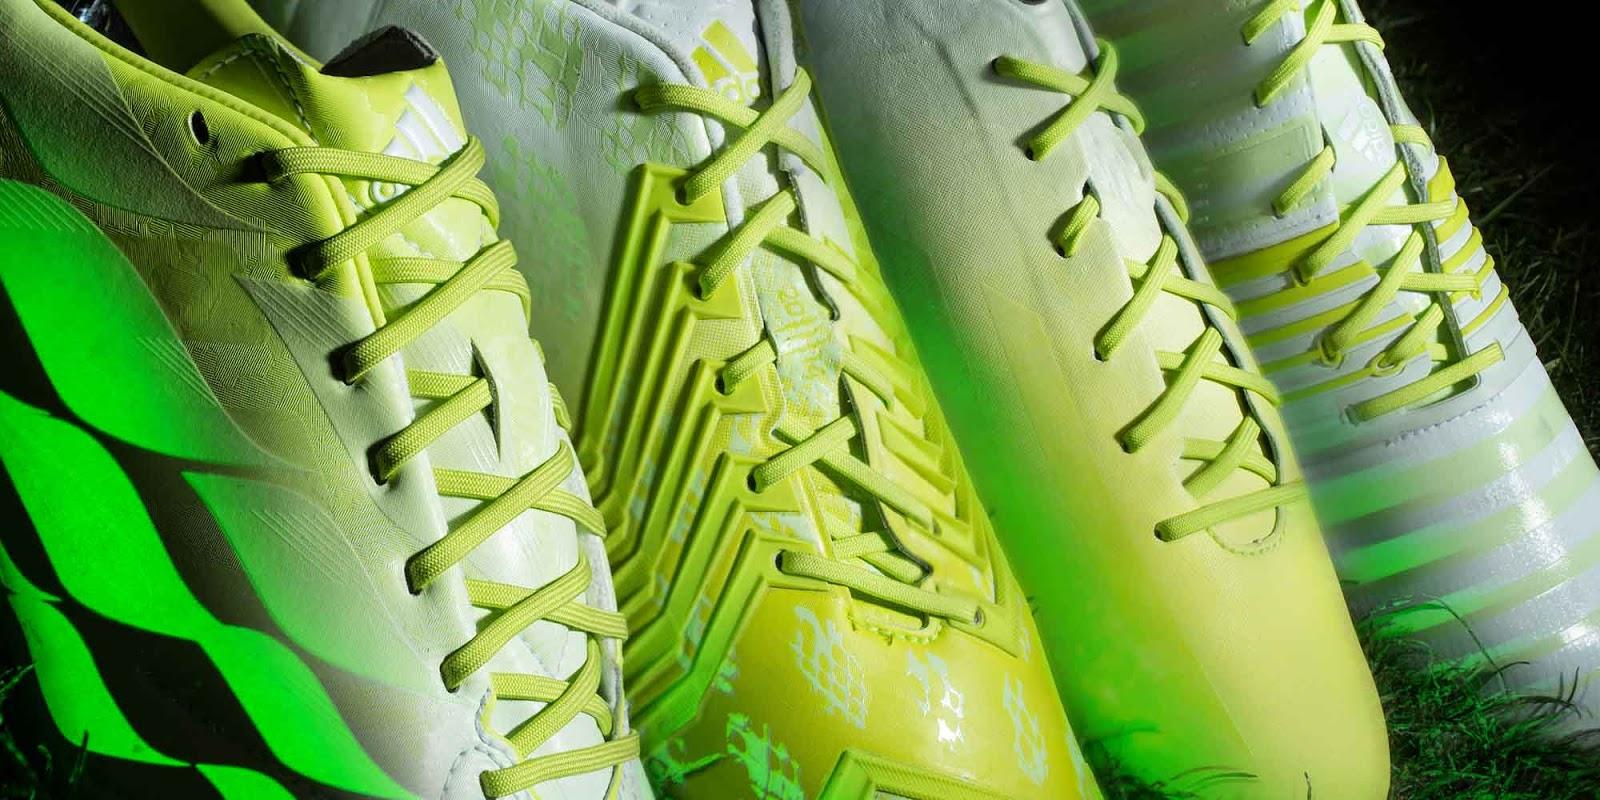 Elige bien tus botas de fútbol (no sólo es cuestión de moda)